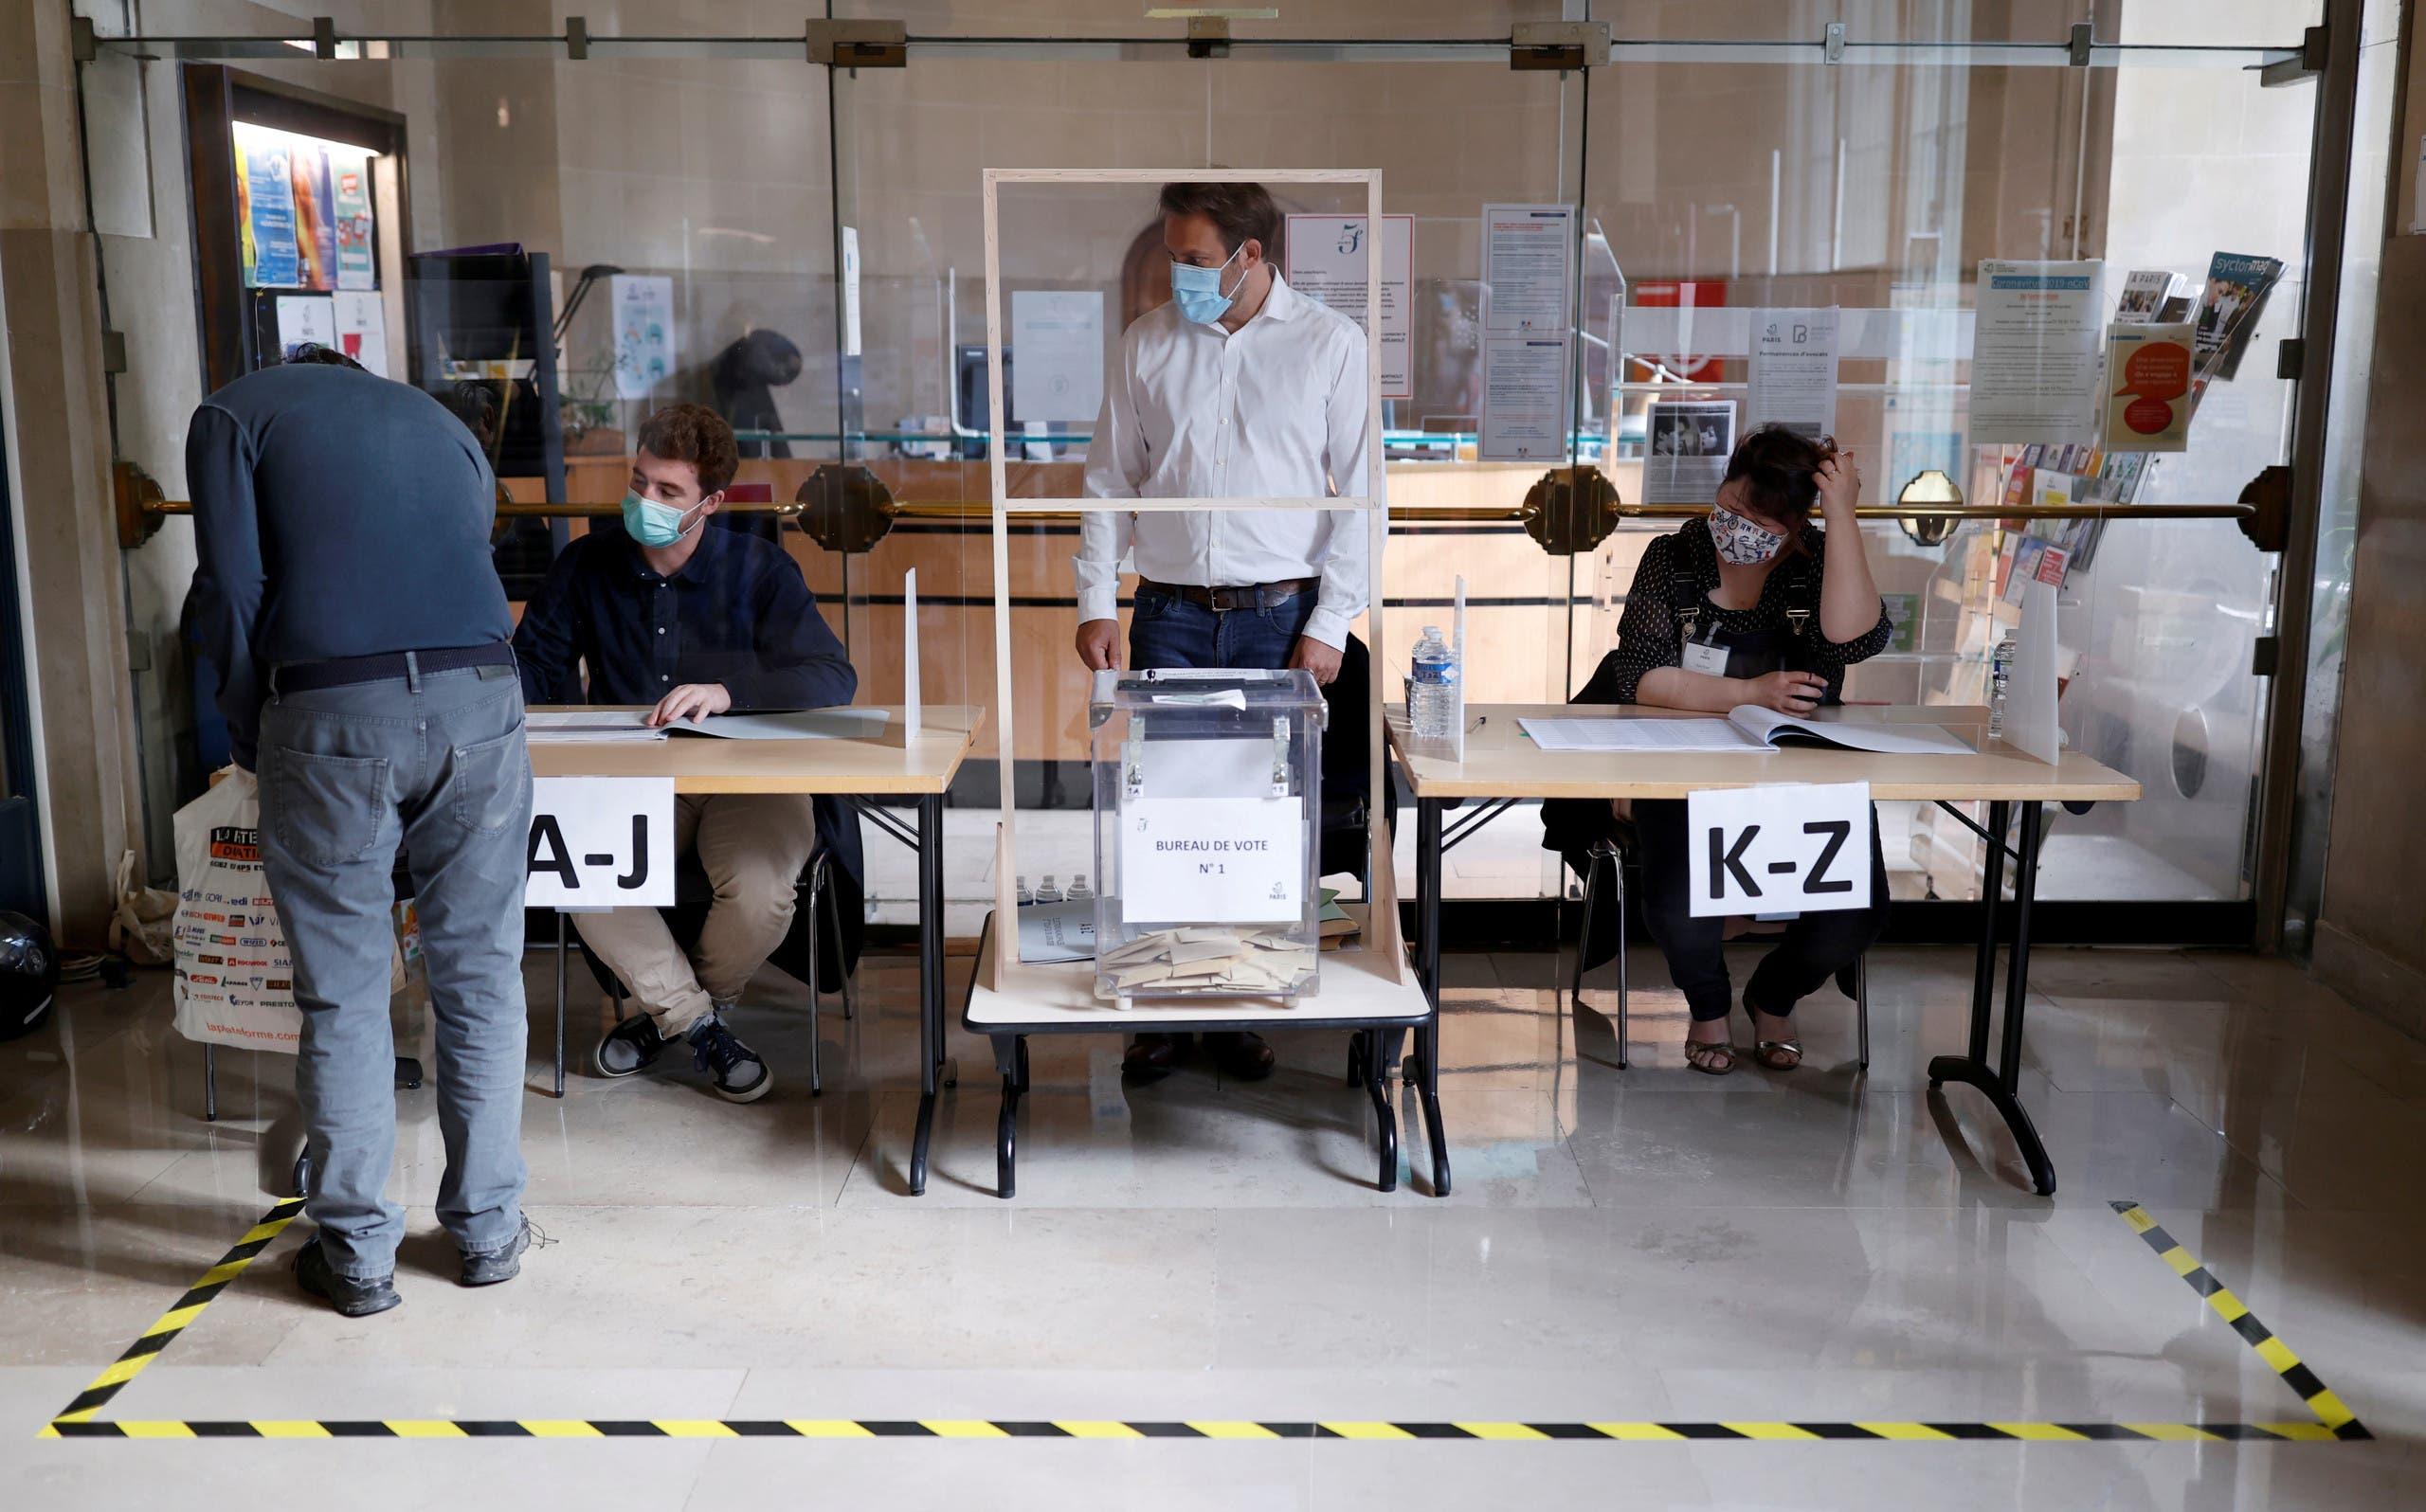 ناخب في مركز اقتراع خلال الجولة الثانية من الانتخابات البلدية في باريس الأحد